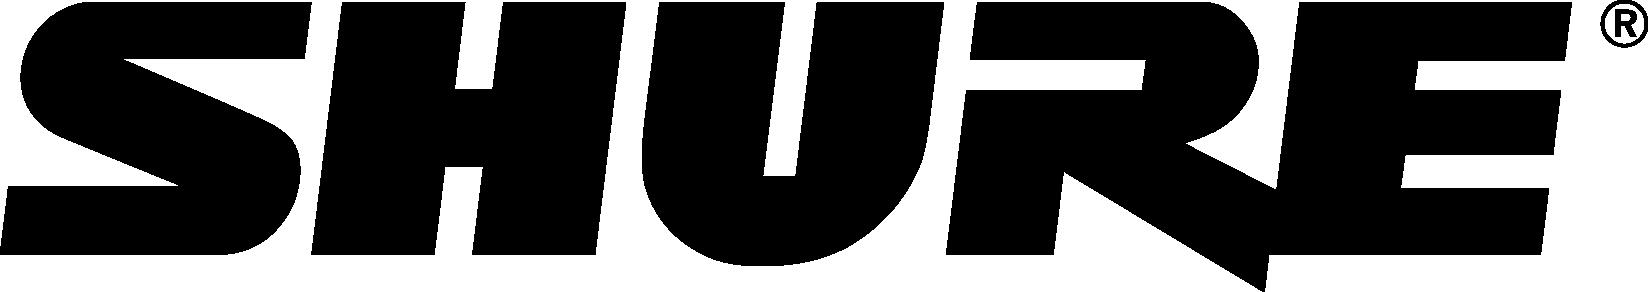 shure-1475178530